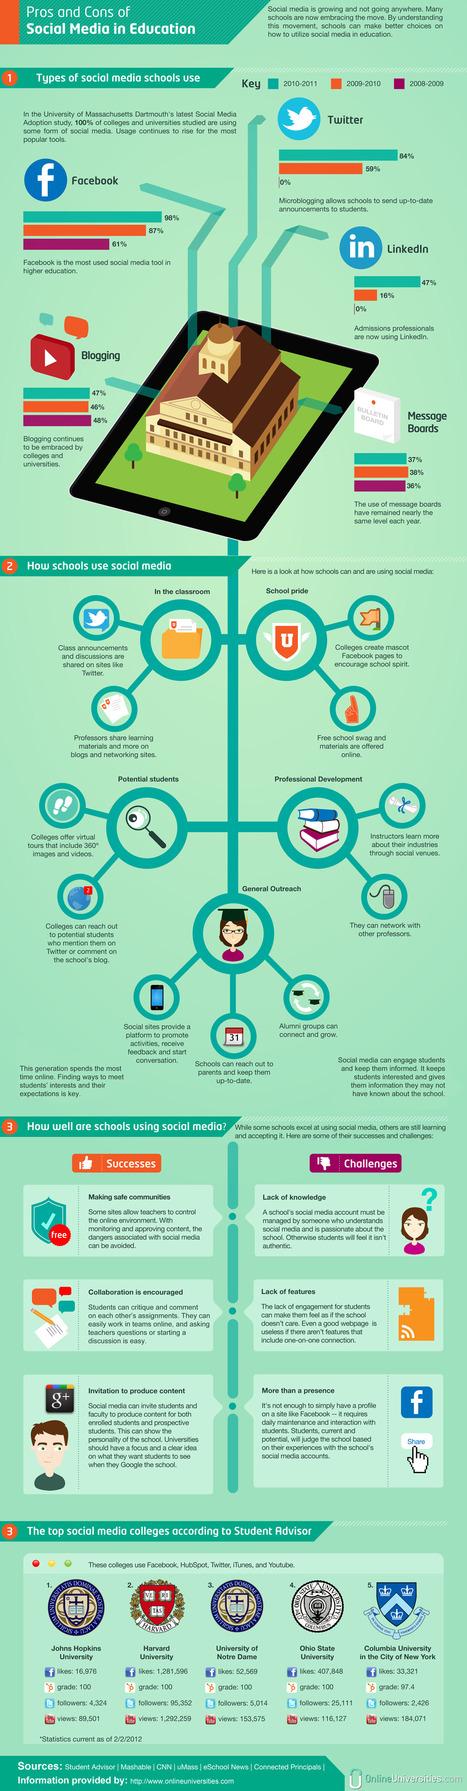 Infografiek met de voor- en nadelen van sociale media in hetonderwijs (via Andre Manssen) | Media Literacy | Scoop.it